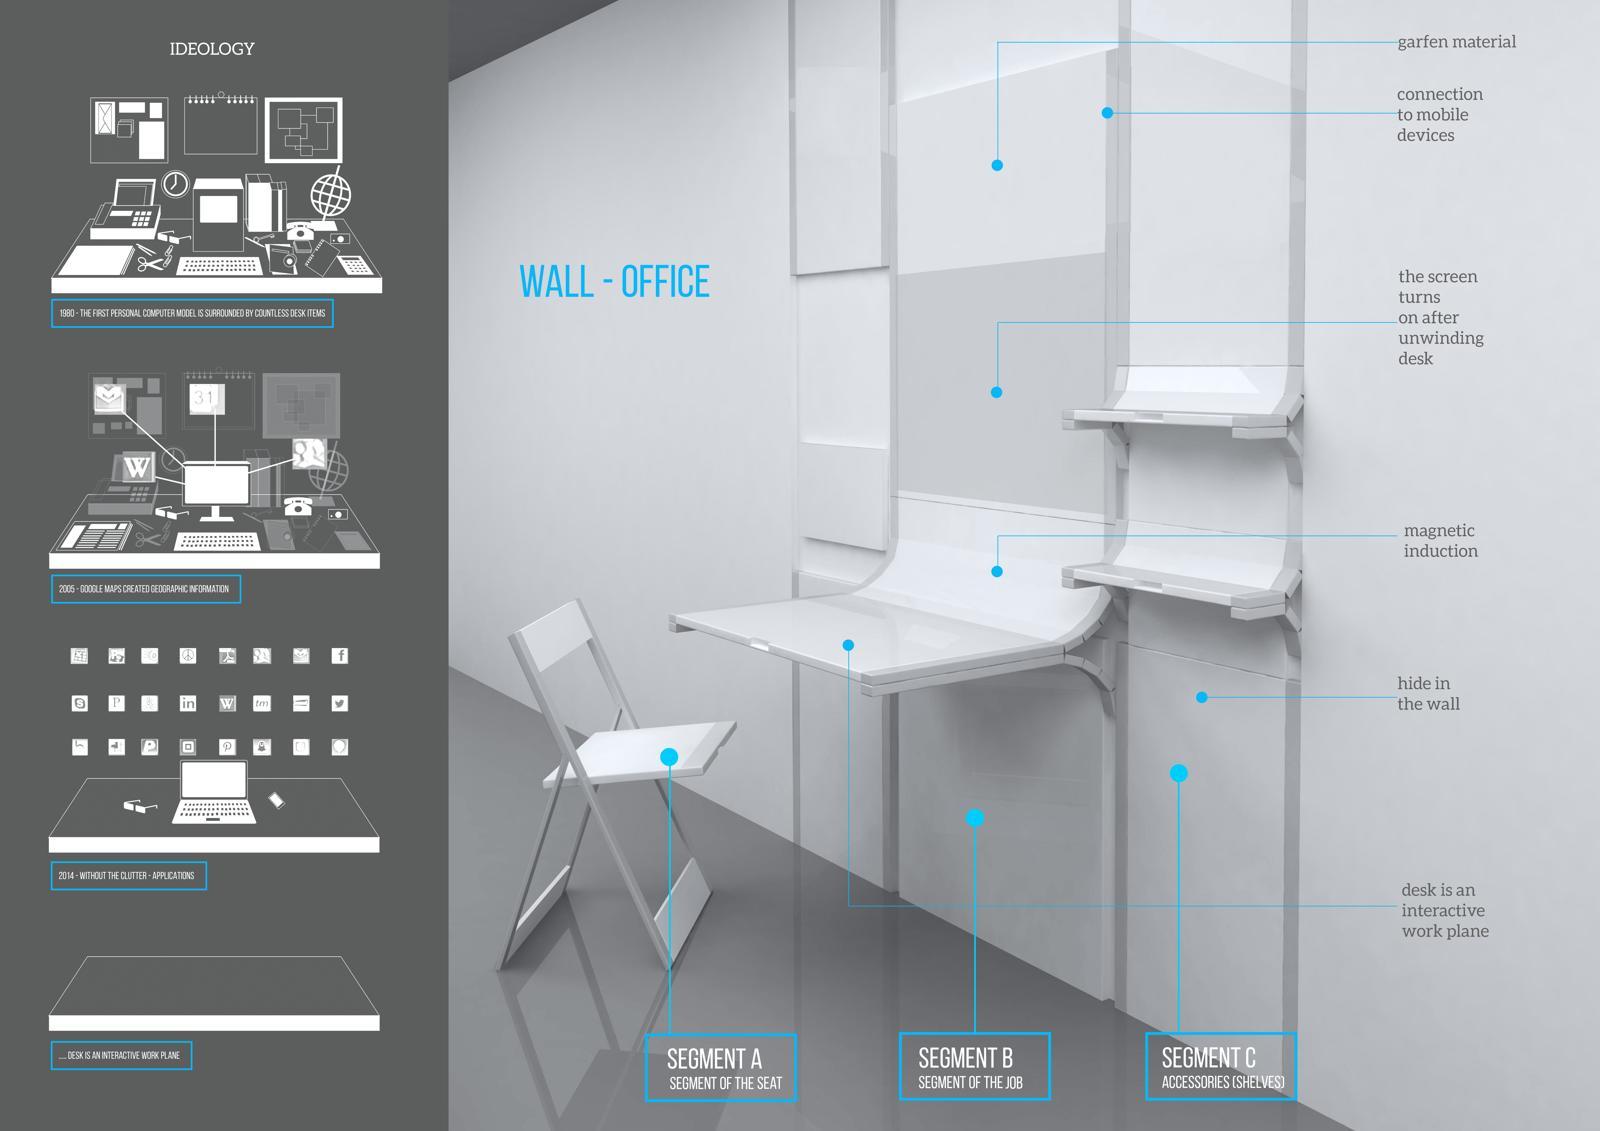 Another Desk in the Wall: Designstudie umreißt innovativen Arbeitsplatz